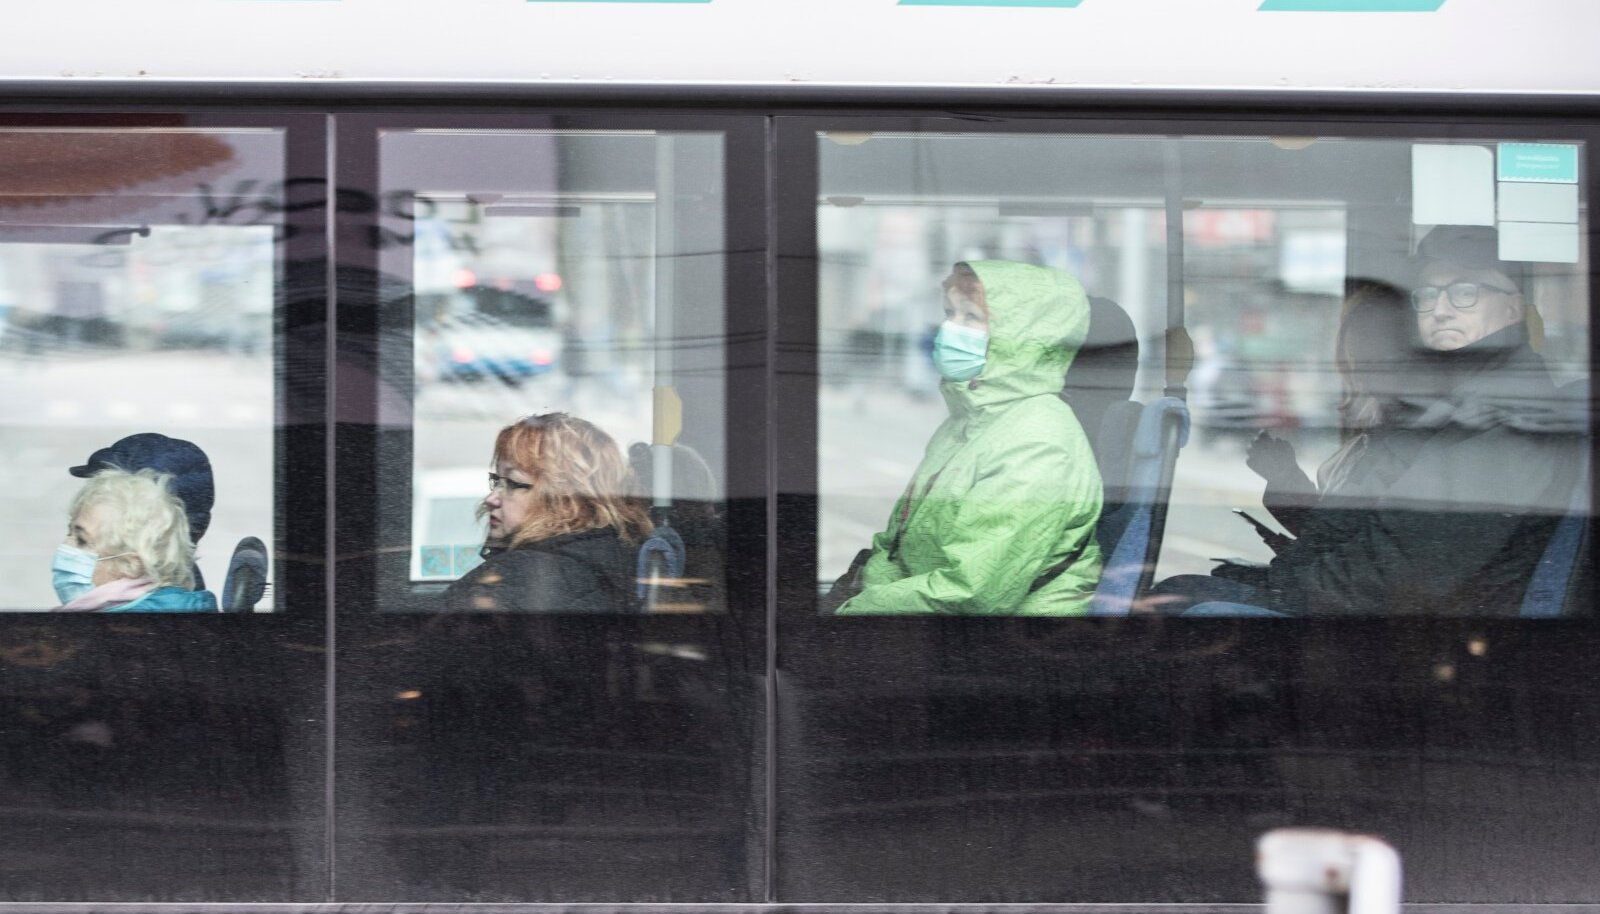 Maskid Tallinna linnapildis ja ühistranspordis 5.11.2020